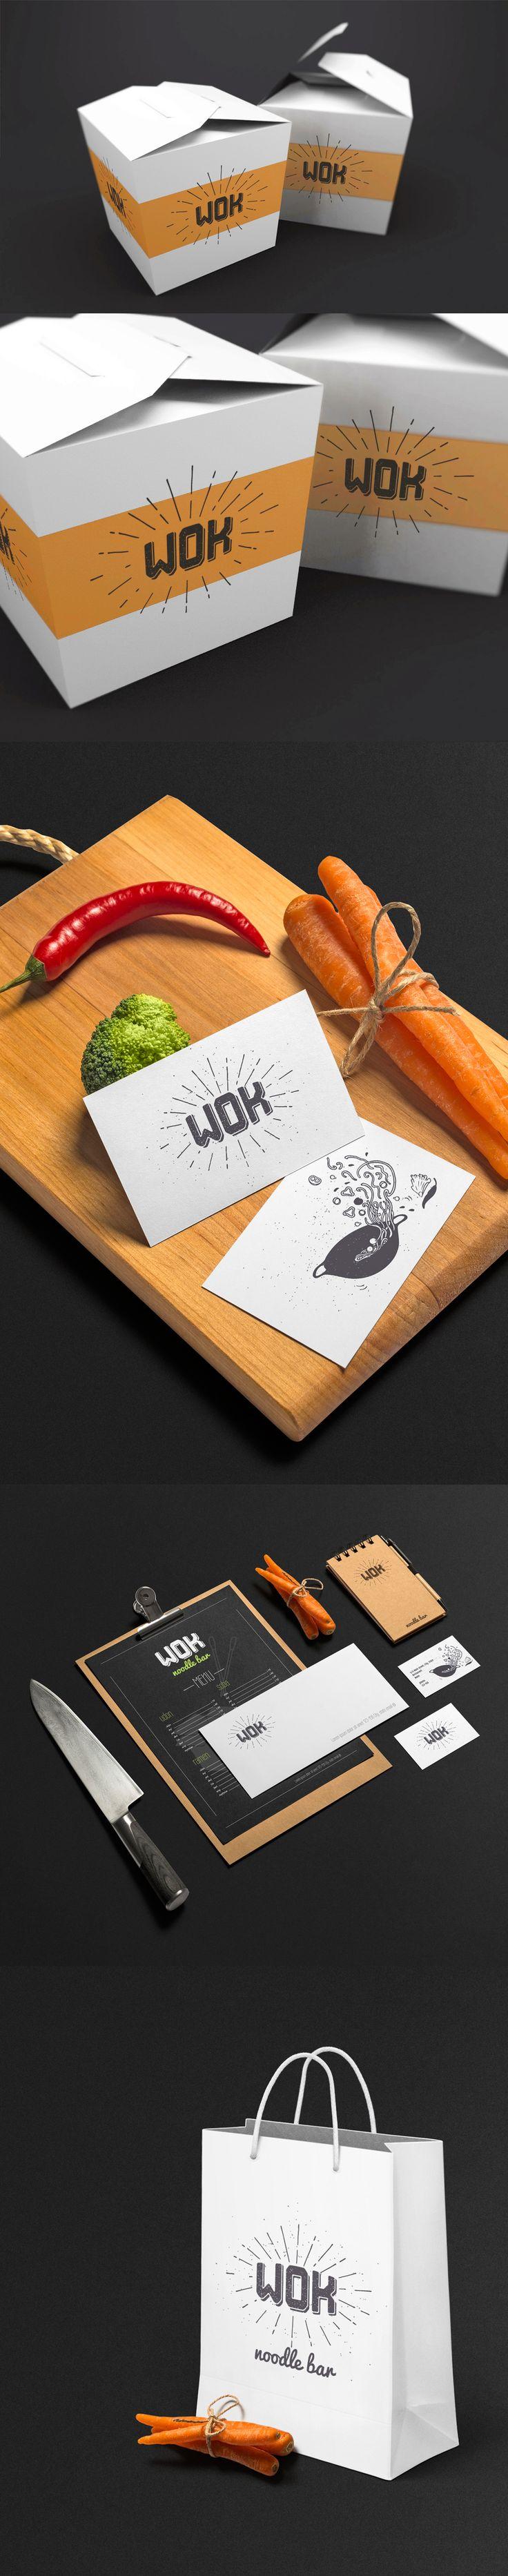 Wok restaurant logo template. Vector illustration on Behance